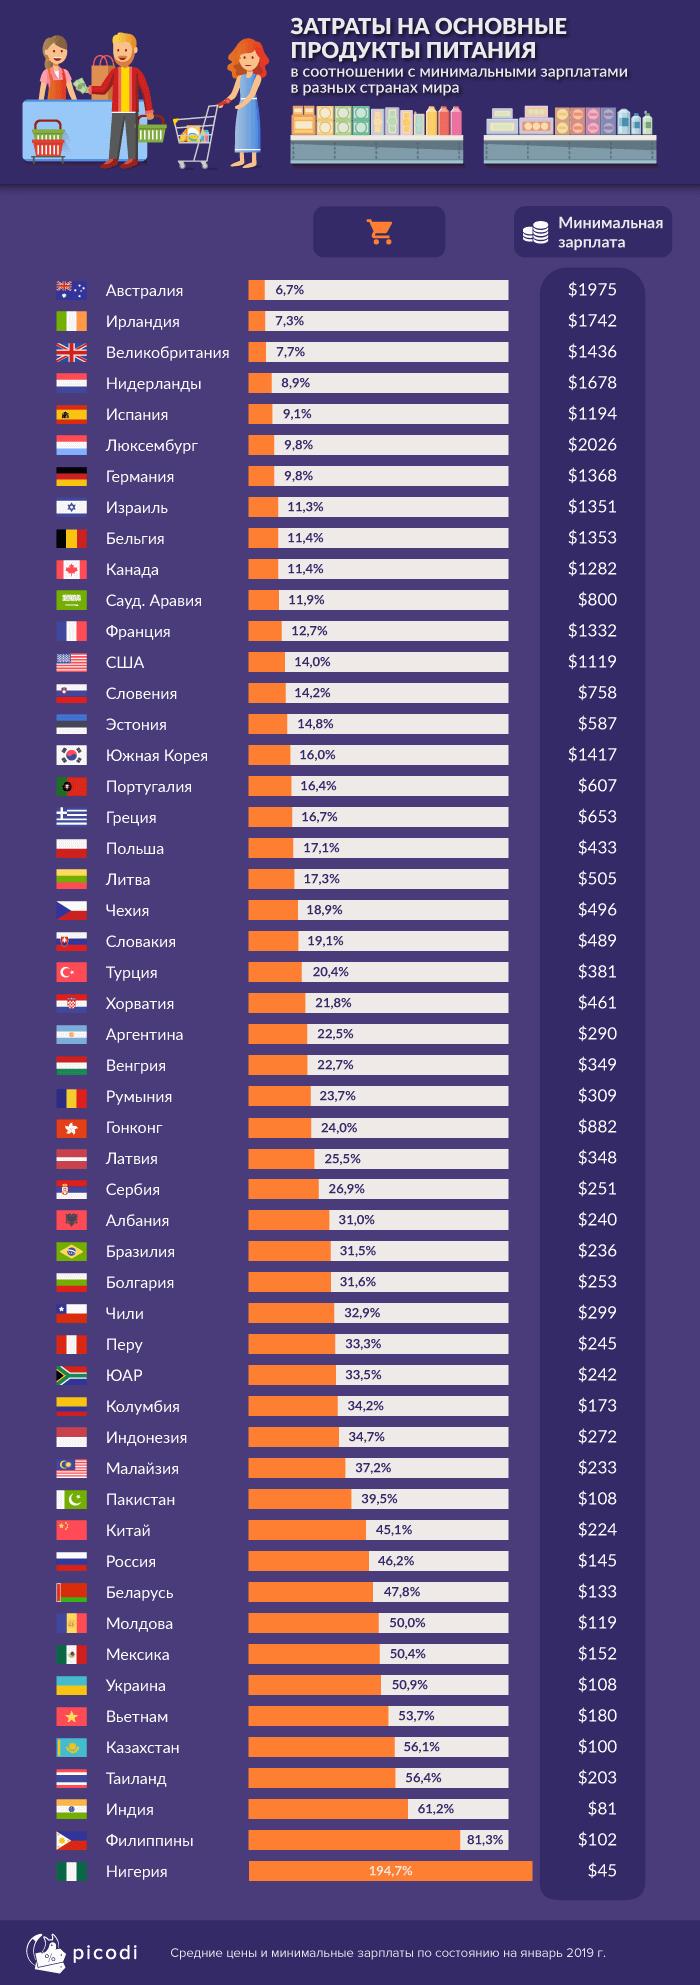 Затраты на основные продукты питания в разных странах мира